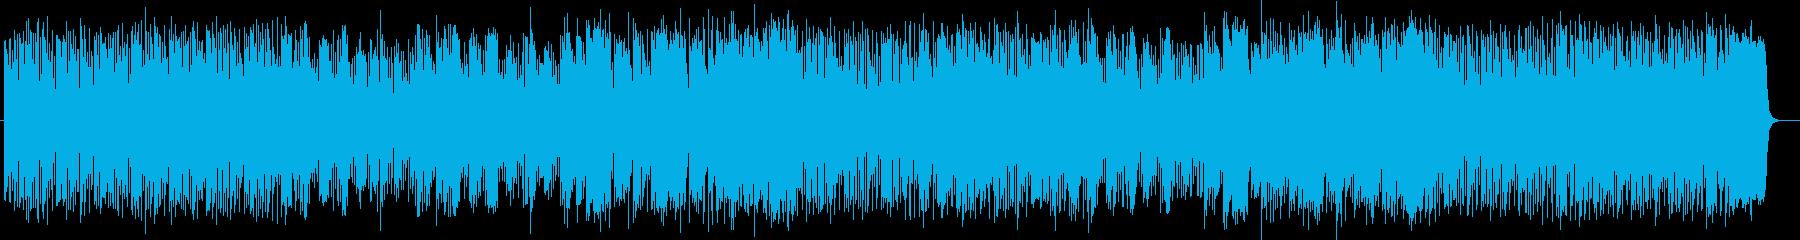 楽しく明るいシンセサイザーサウンドの再生済みの波形